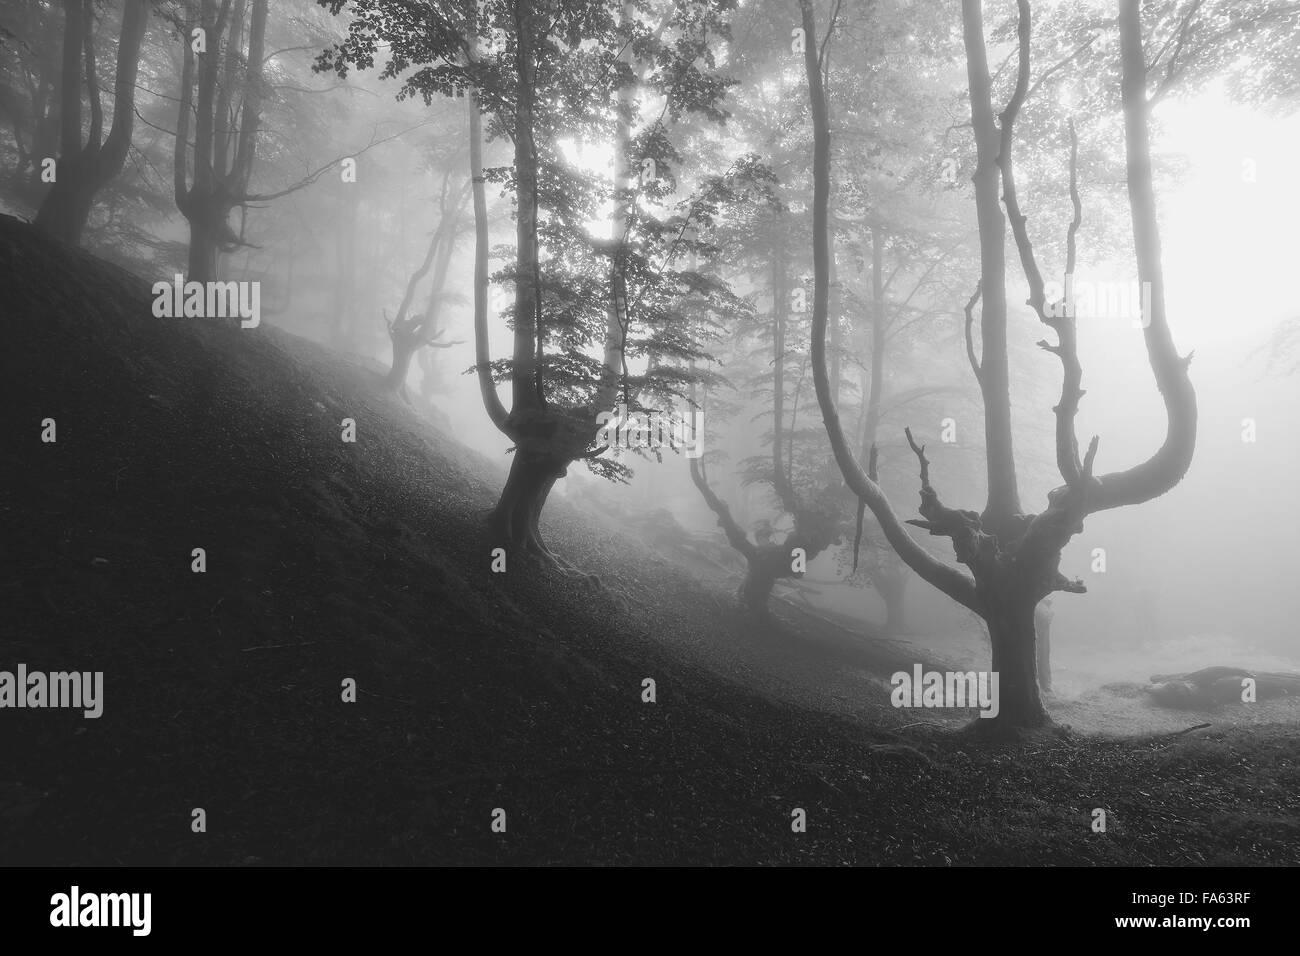 Creepy mystérieuse forêt en noir et blanc Photo Stock